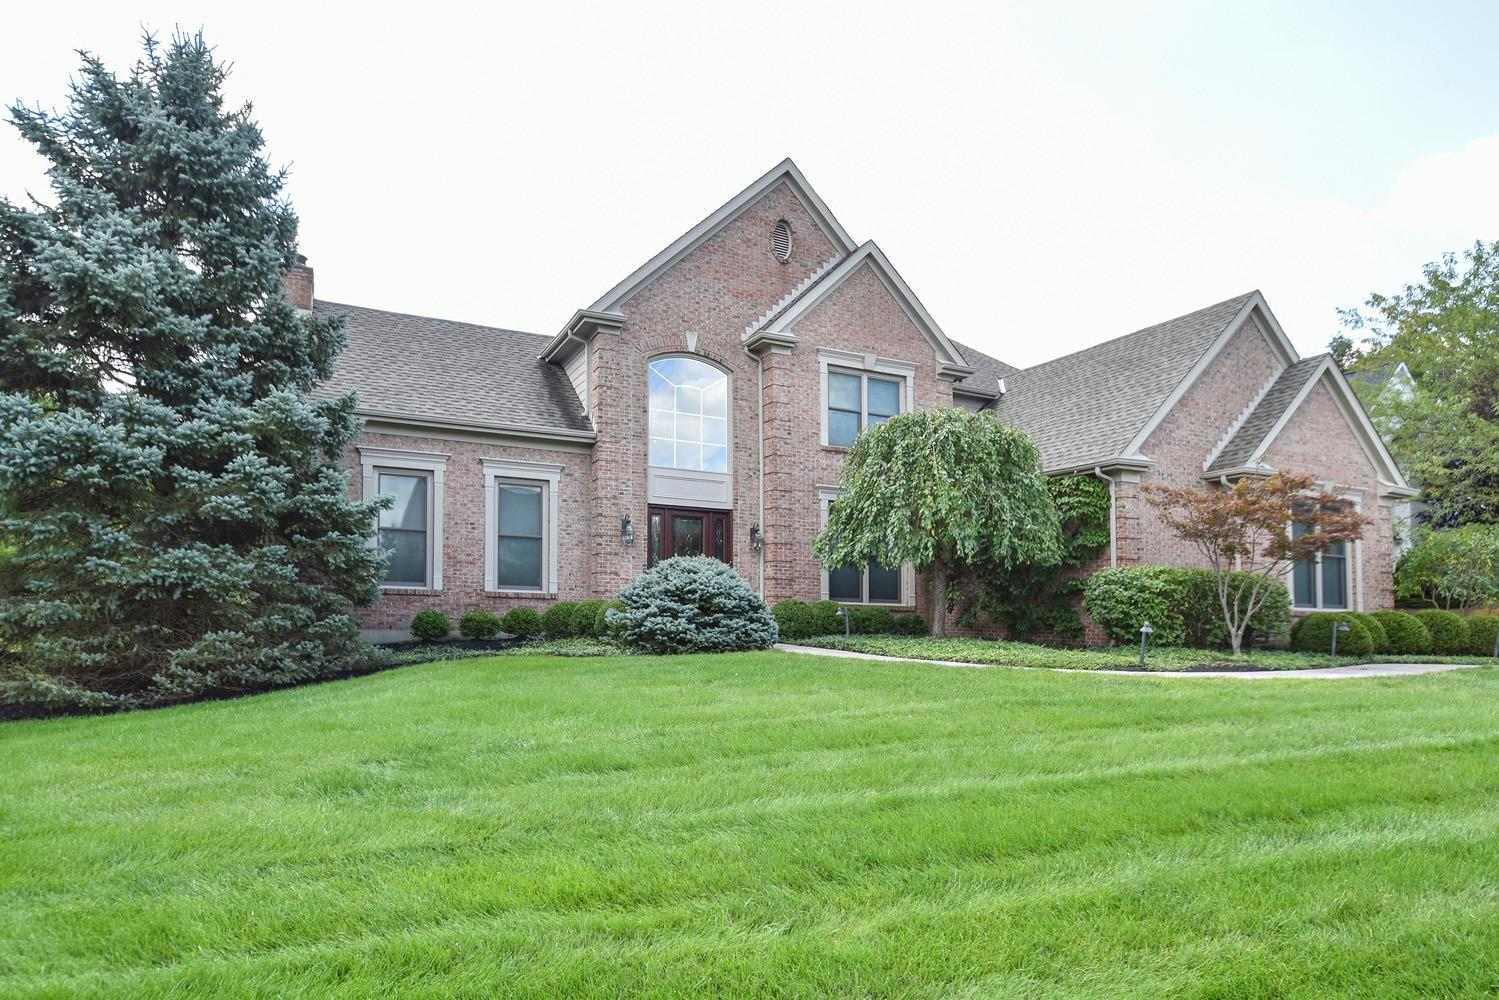 7420 Ivy Hills Ln Newtown, OH